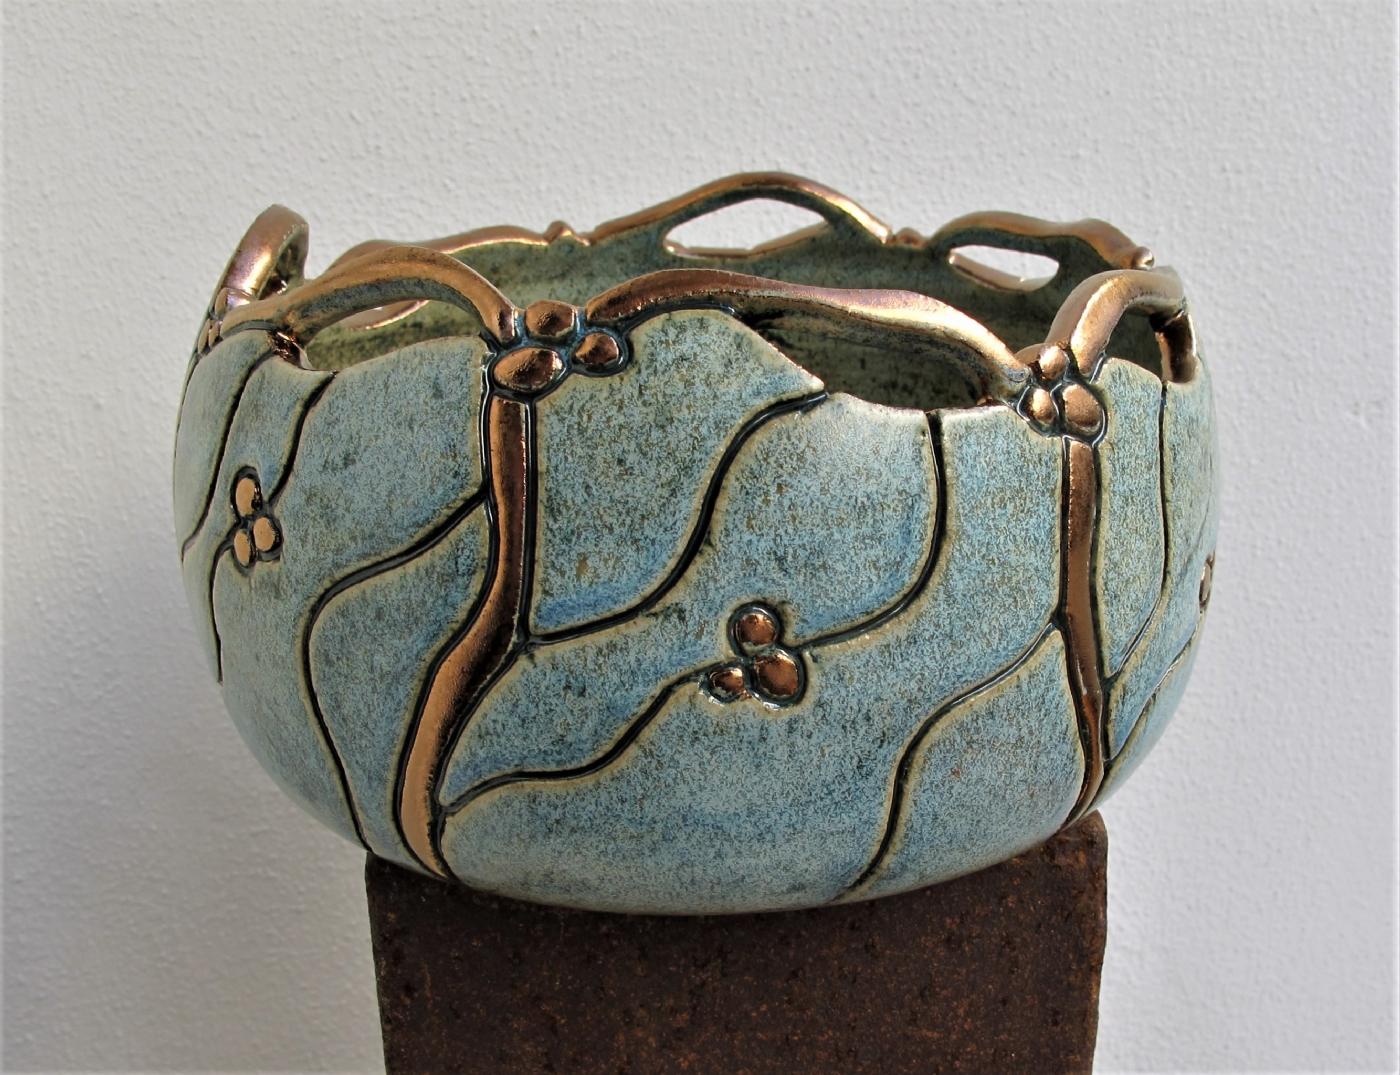 åben mellem gobbel m. brudt kant og metal | Keramik